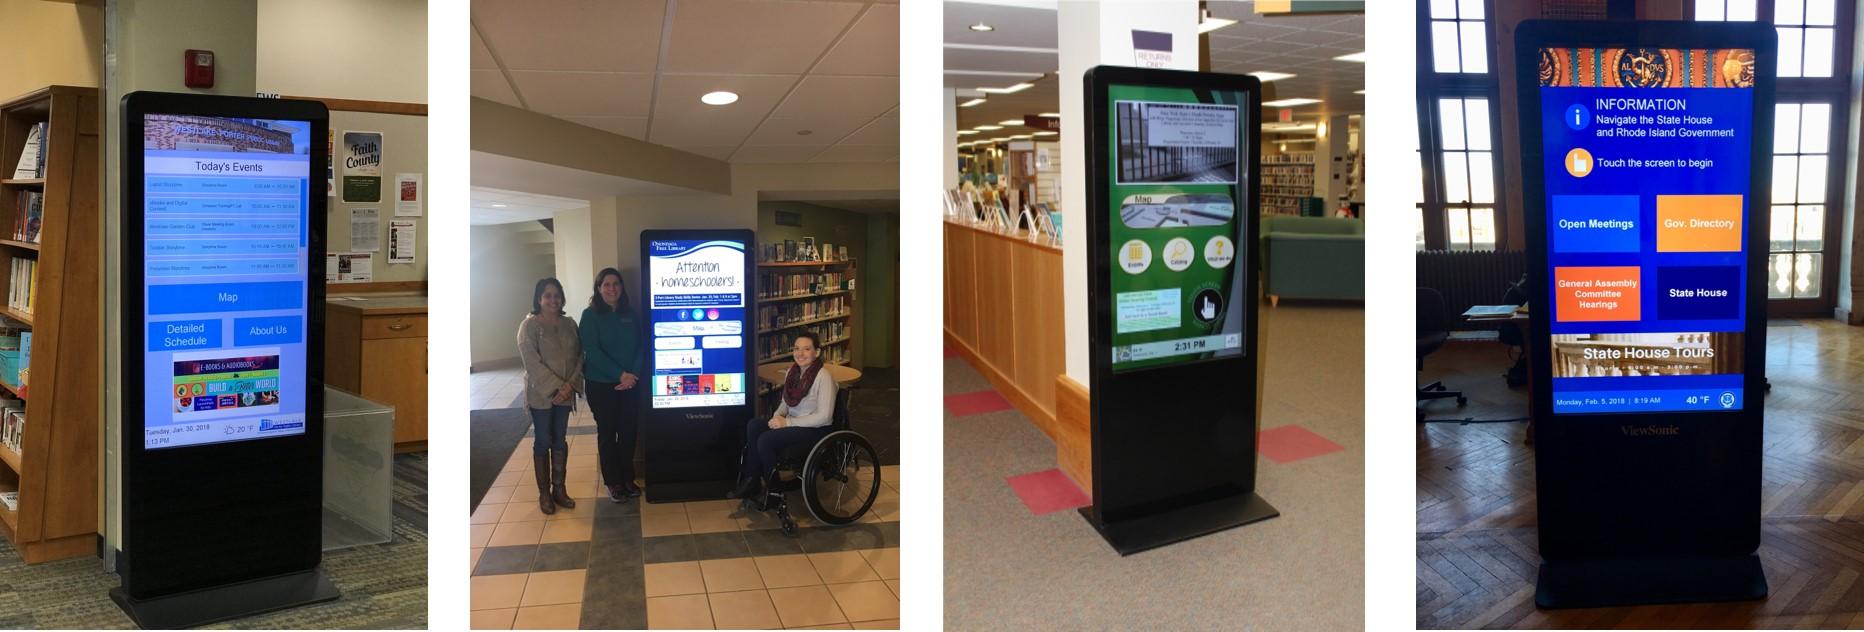 rhode island digital signage, ohio digital signage, rhode island library kiosk, ohio library kiosk, cleveland library kiosk, providence library kiosk, new york digital signage, new york library kiosk, rochester library kiosk, syracuse library kiosk